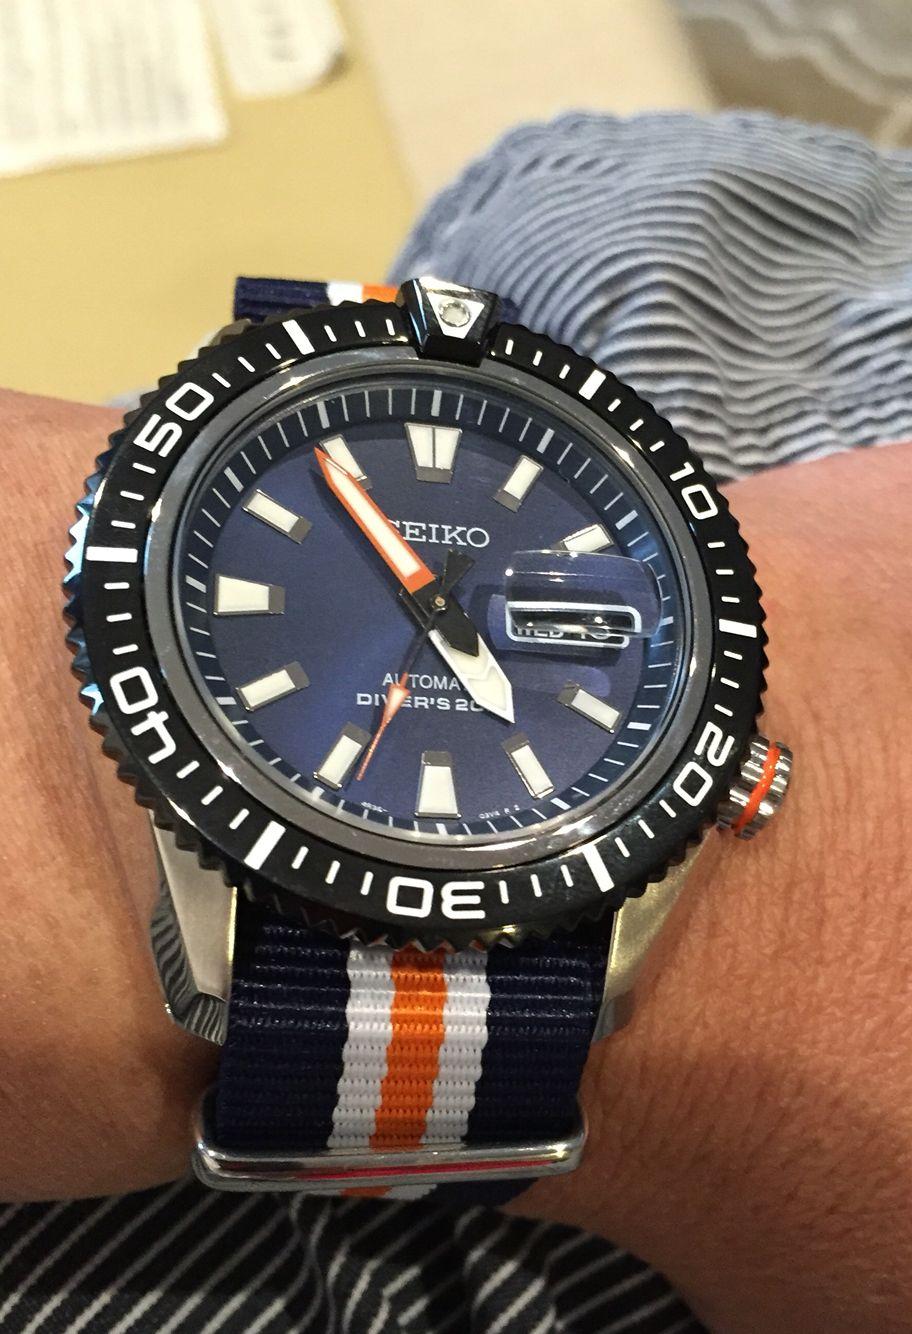 354b98648b Blue white orange Nato strap Seiko 5 Sports